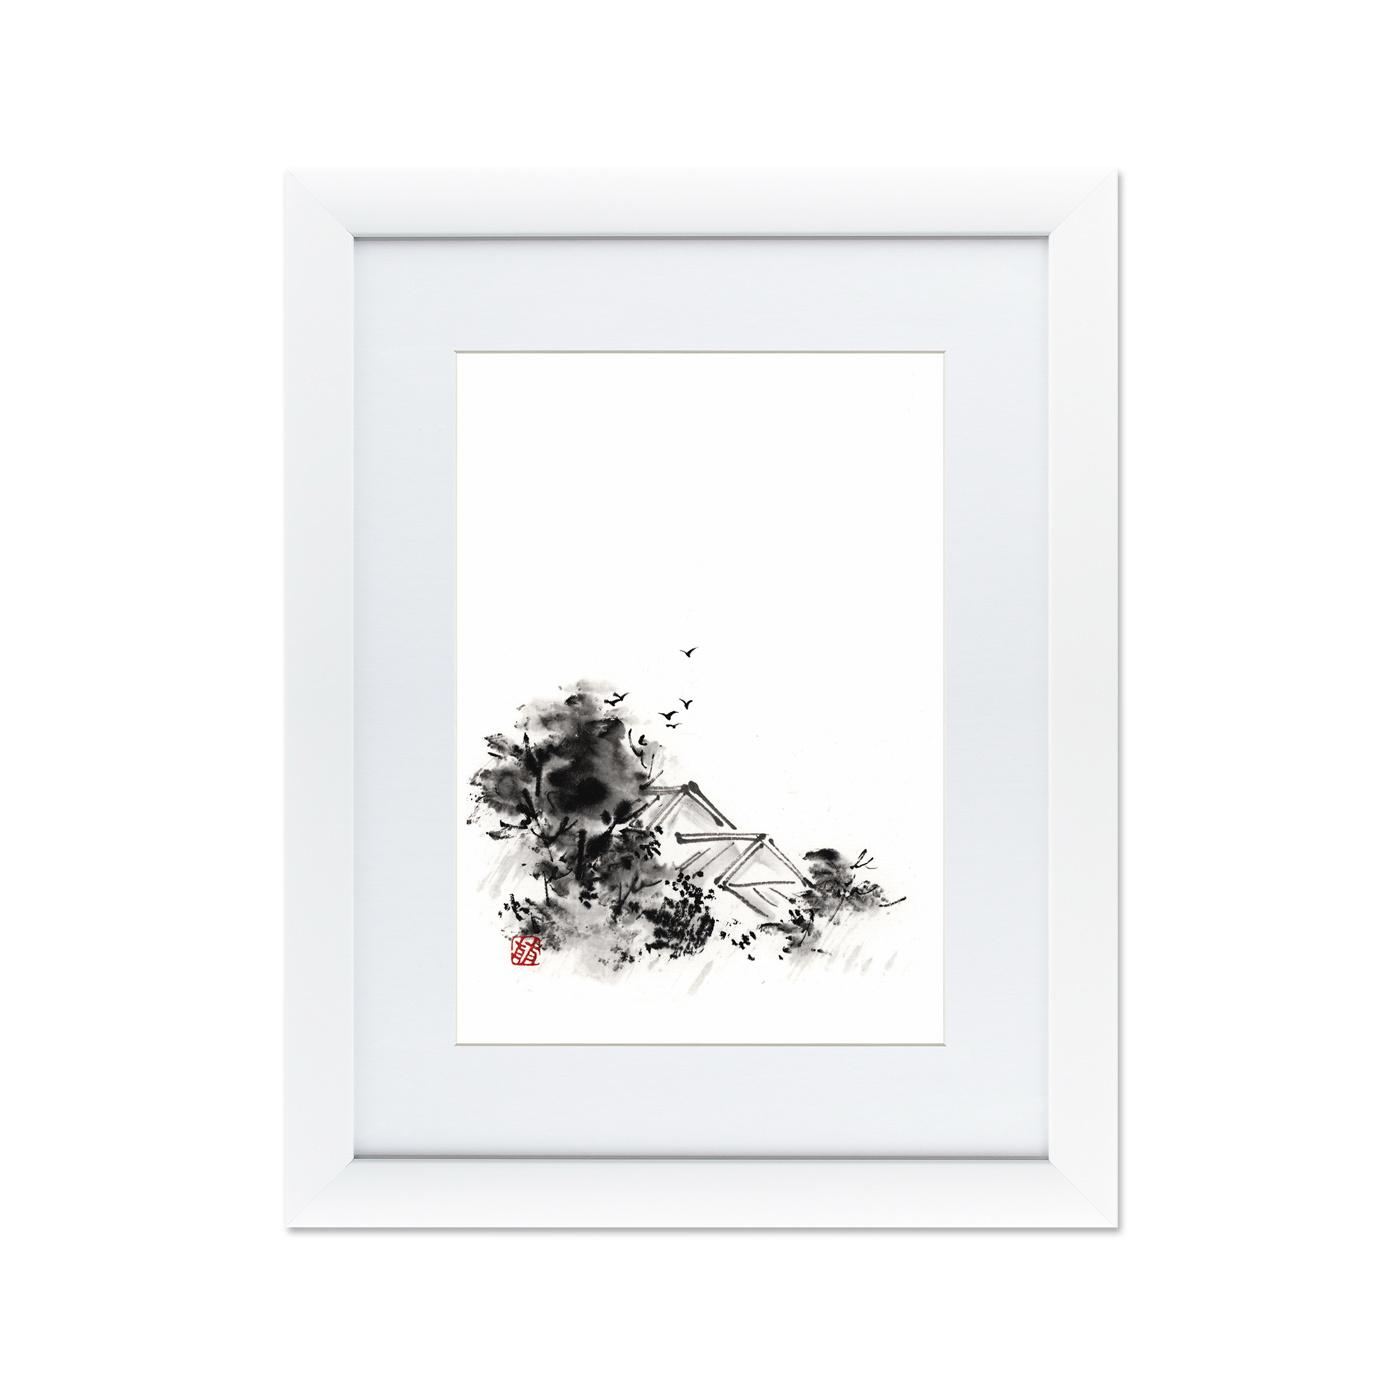 {} Картины в Квартиру Картина Японская Акварель Суми-э, №4 (47х60 см) картины в квартиру картина пилигрим из мешхеда 47х60 см